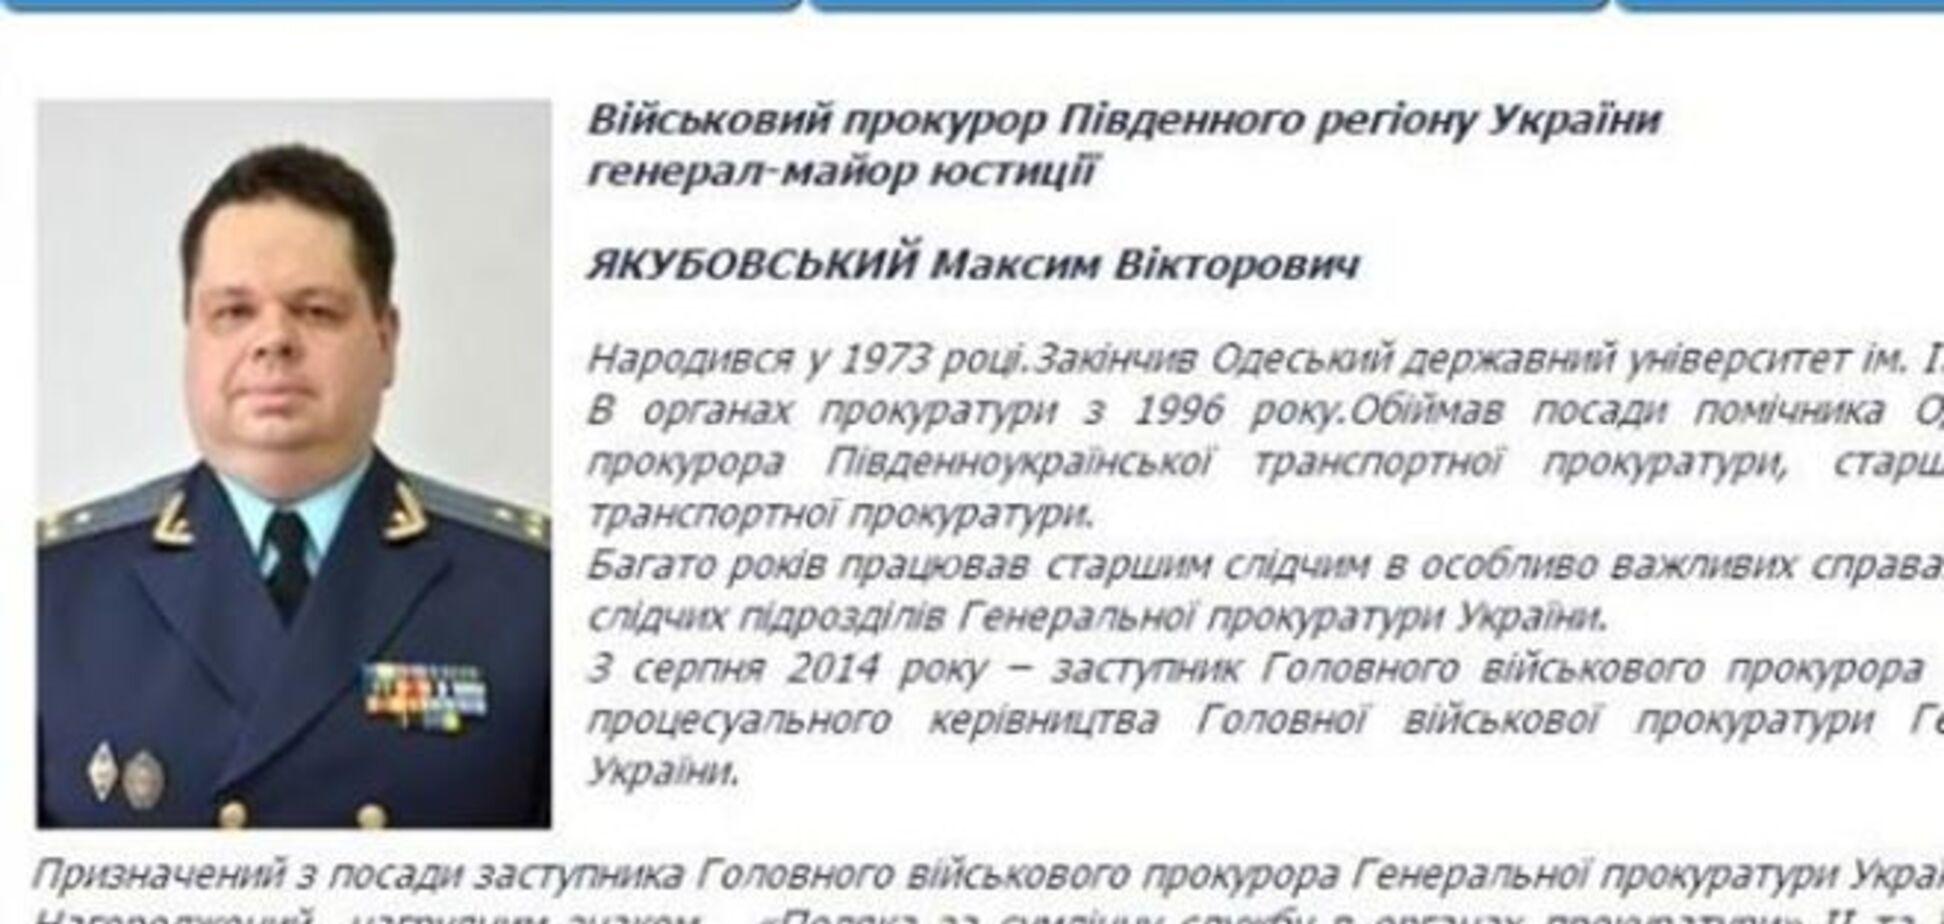 Соратник Медведчука: у мережі розсекретили військового прокурора Південного регіону